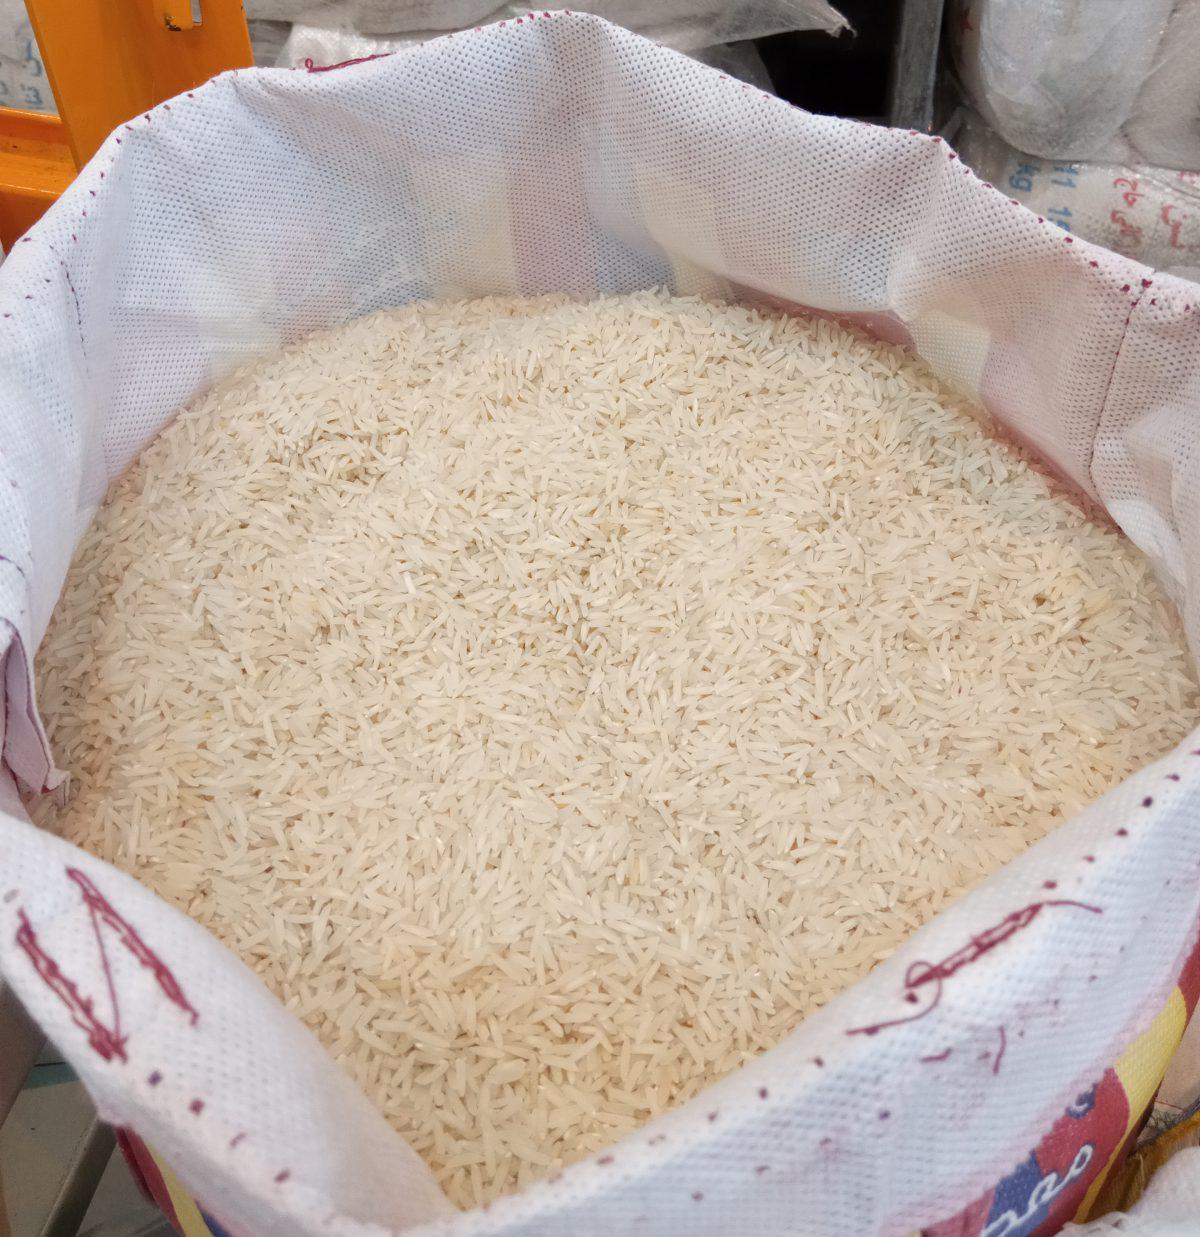 برنج پاکستانی بیردانه ده کیلویی